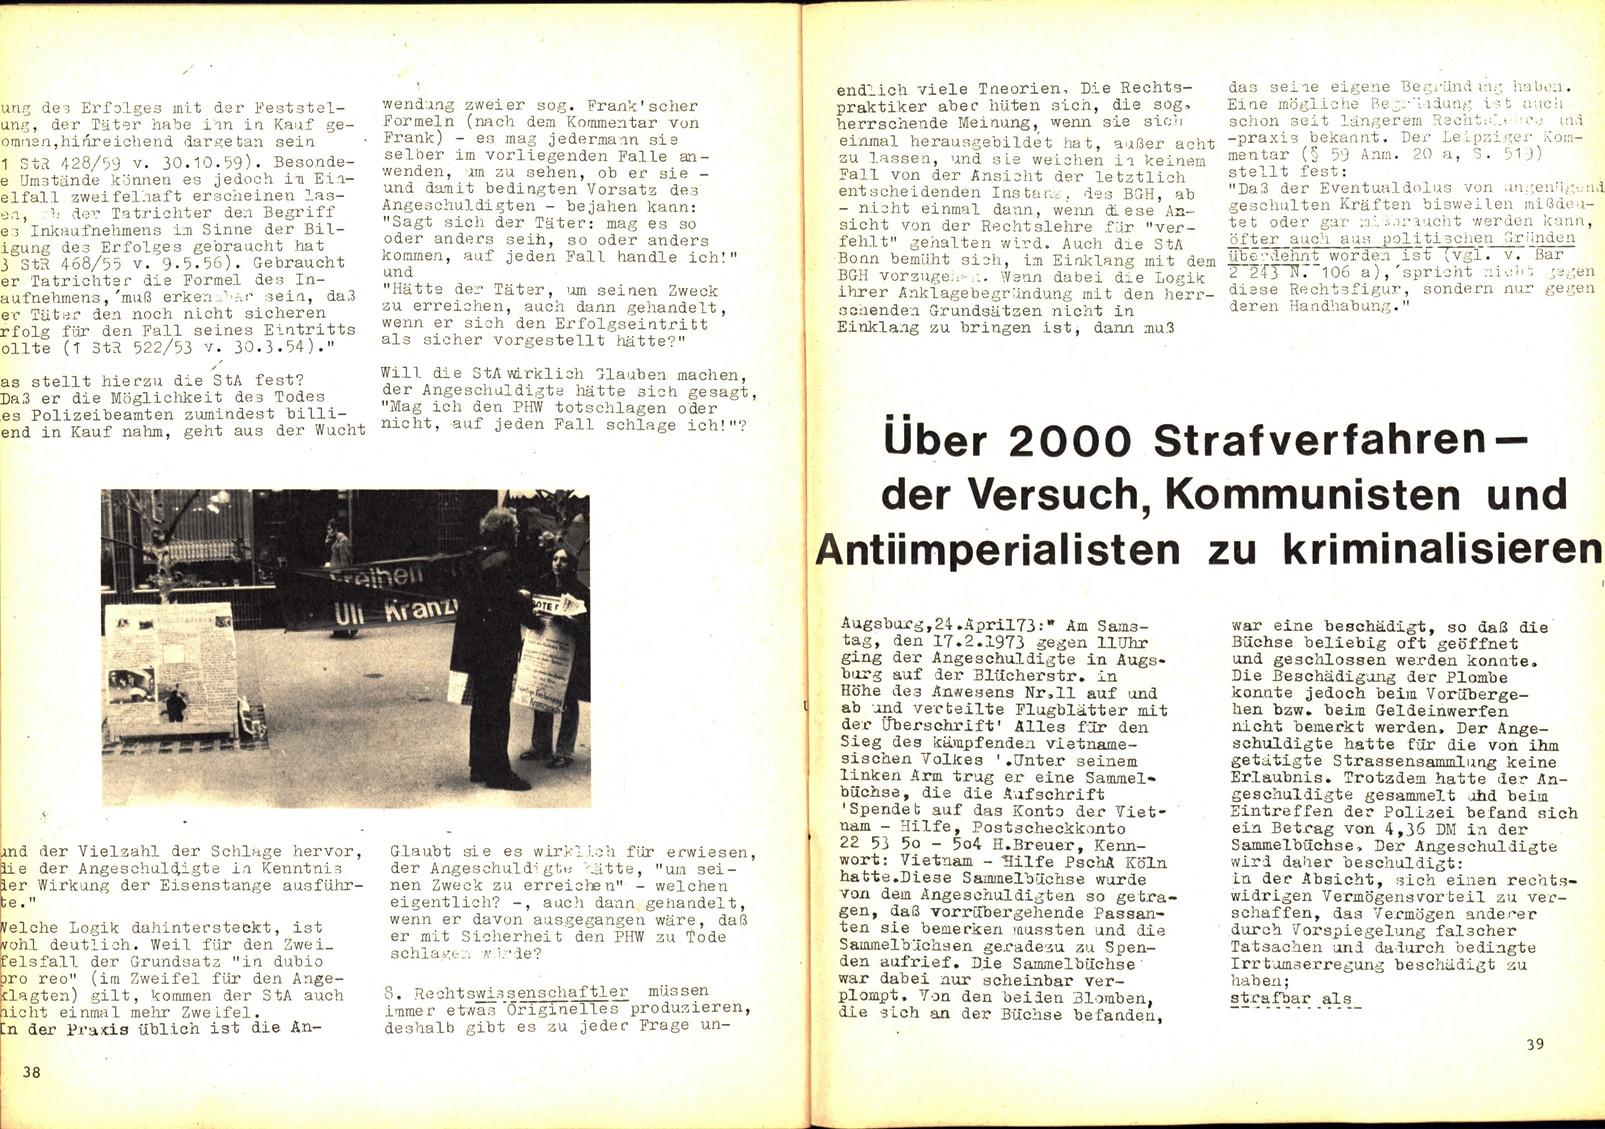 Komitee_Haende_weg_von_der_KPD_1973_Freiheit_fuer_Uli_Kranzusch_21